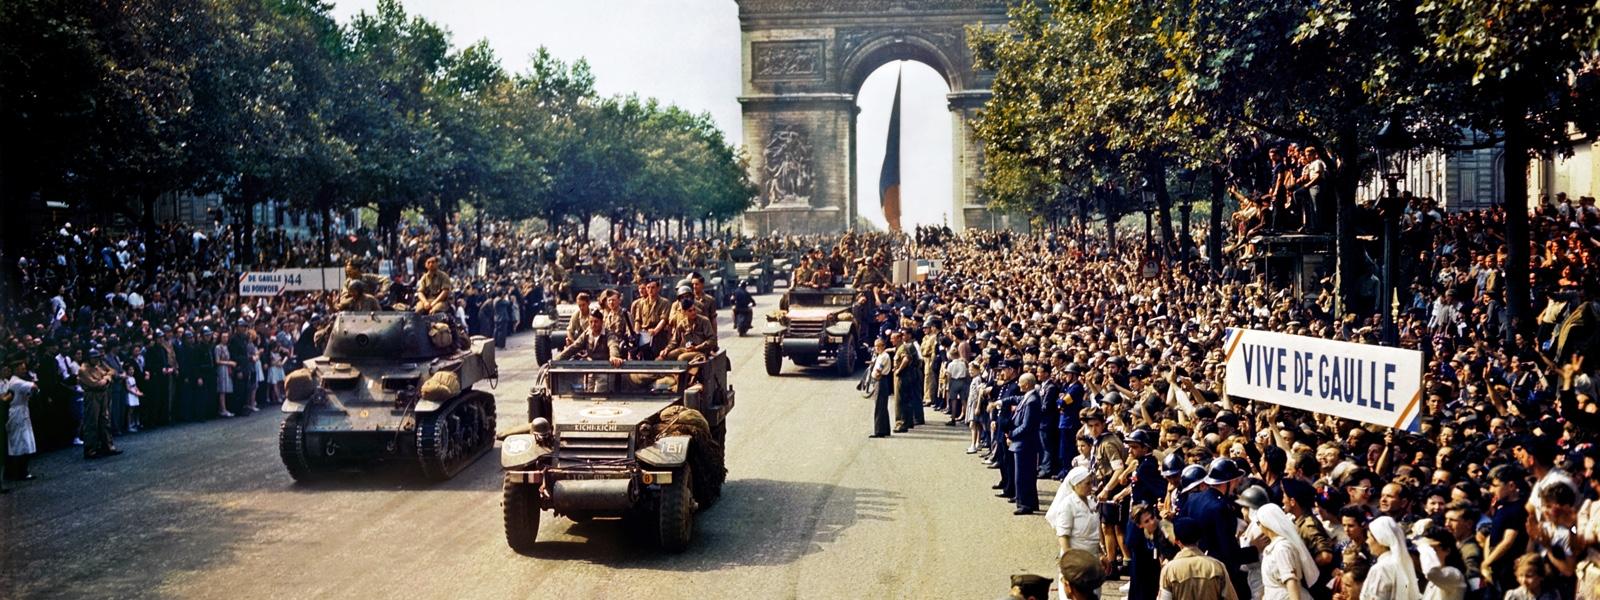 استقبال از سربازان پس از جنگ